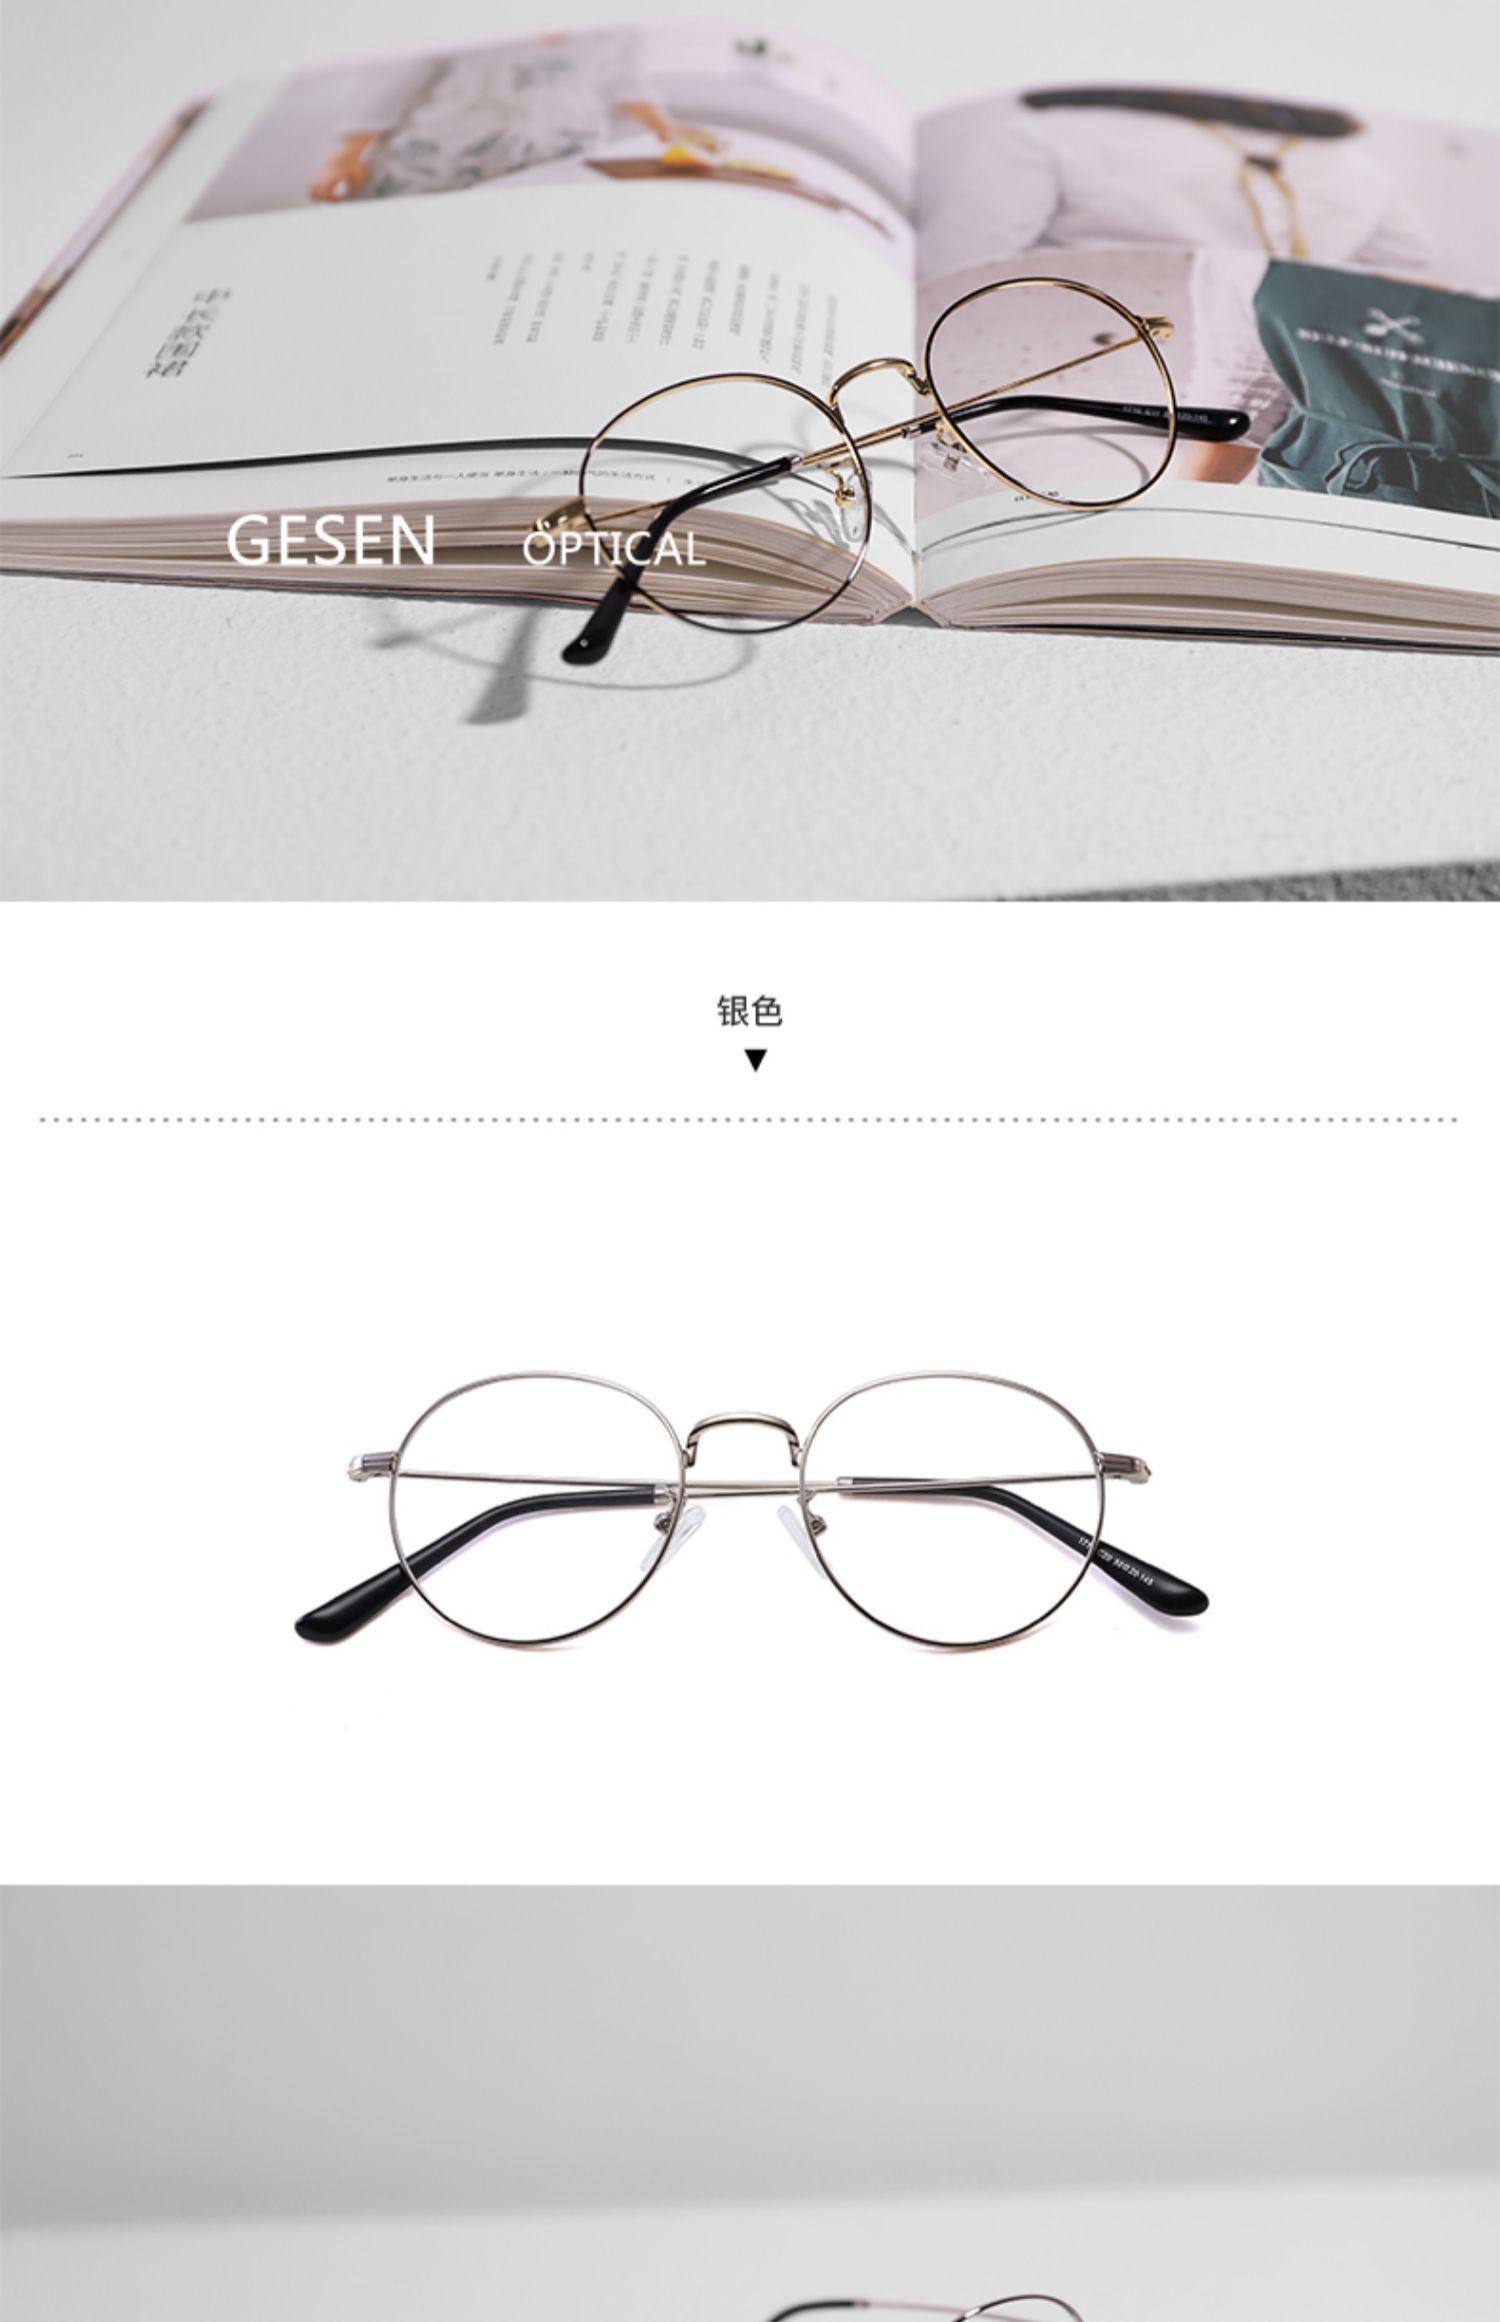 韩版复古潮防辐射眼镜女文艺圆蓝光眼镜框网红款平光镜男近视镜架商品详情图